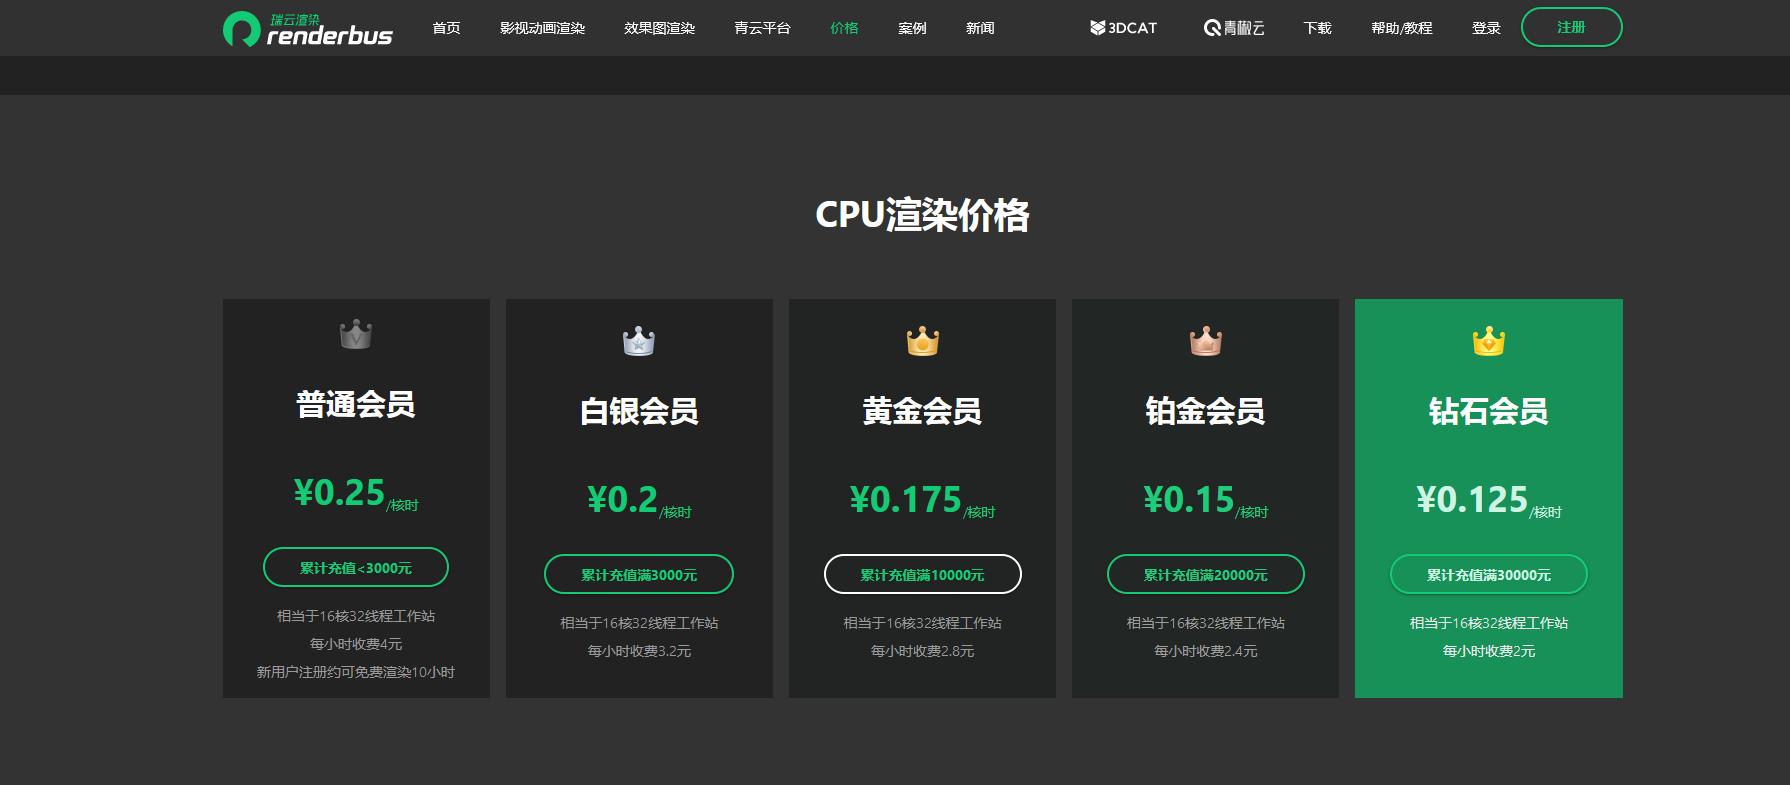 瑞云渲染CPU渲染价格